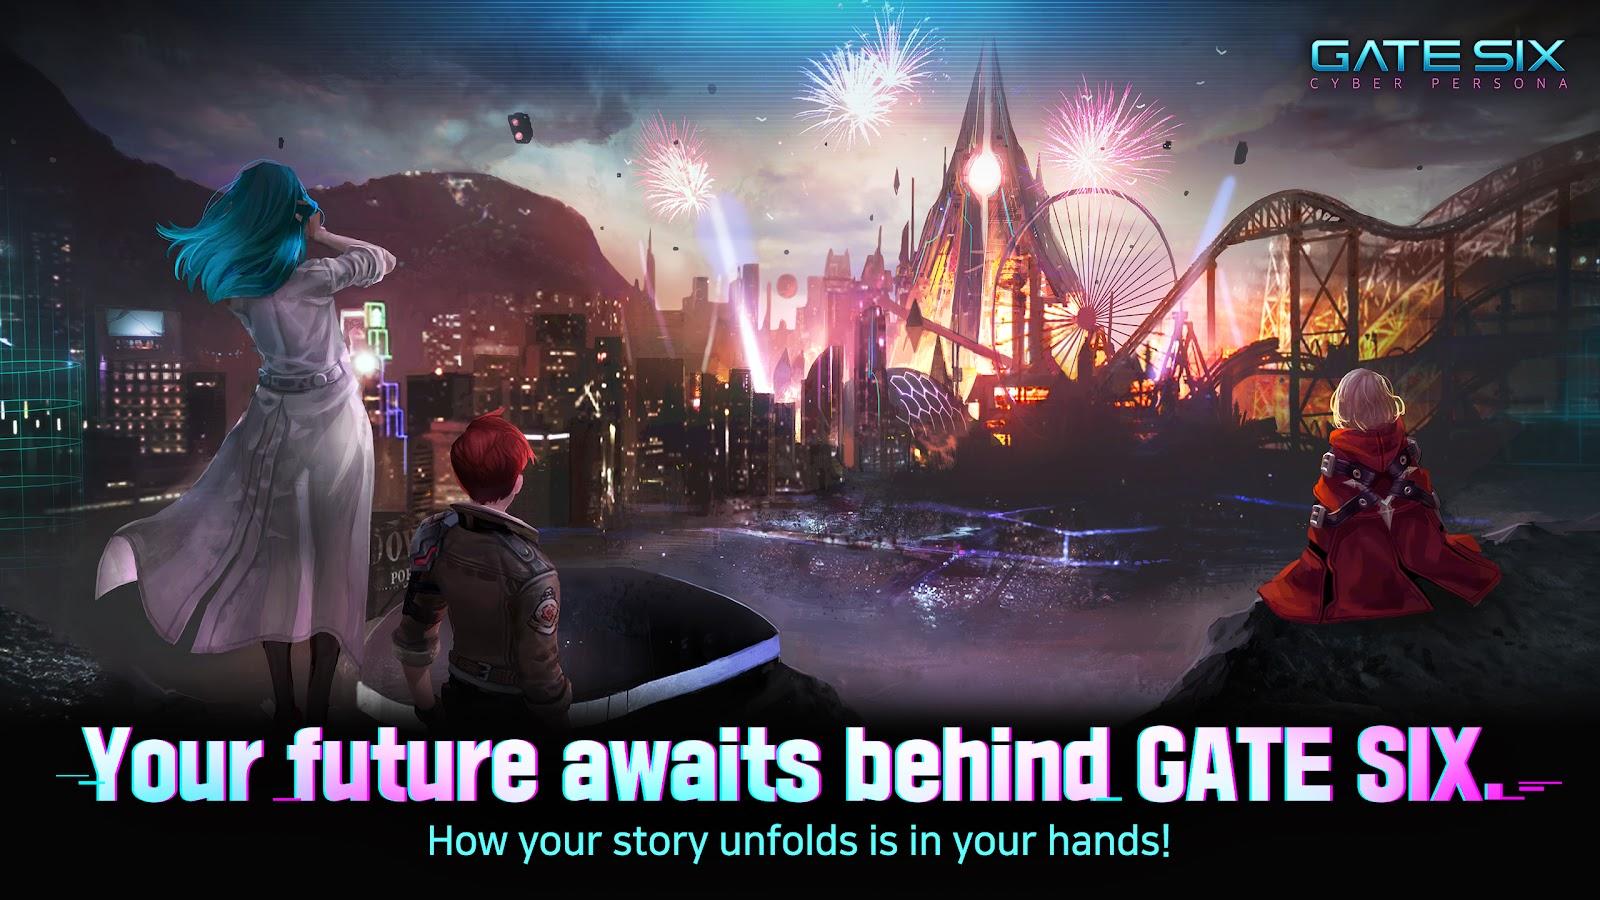 Gate Six: Cyber Persona closure